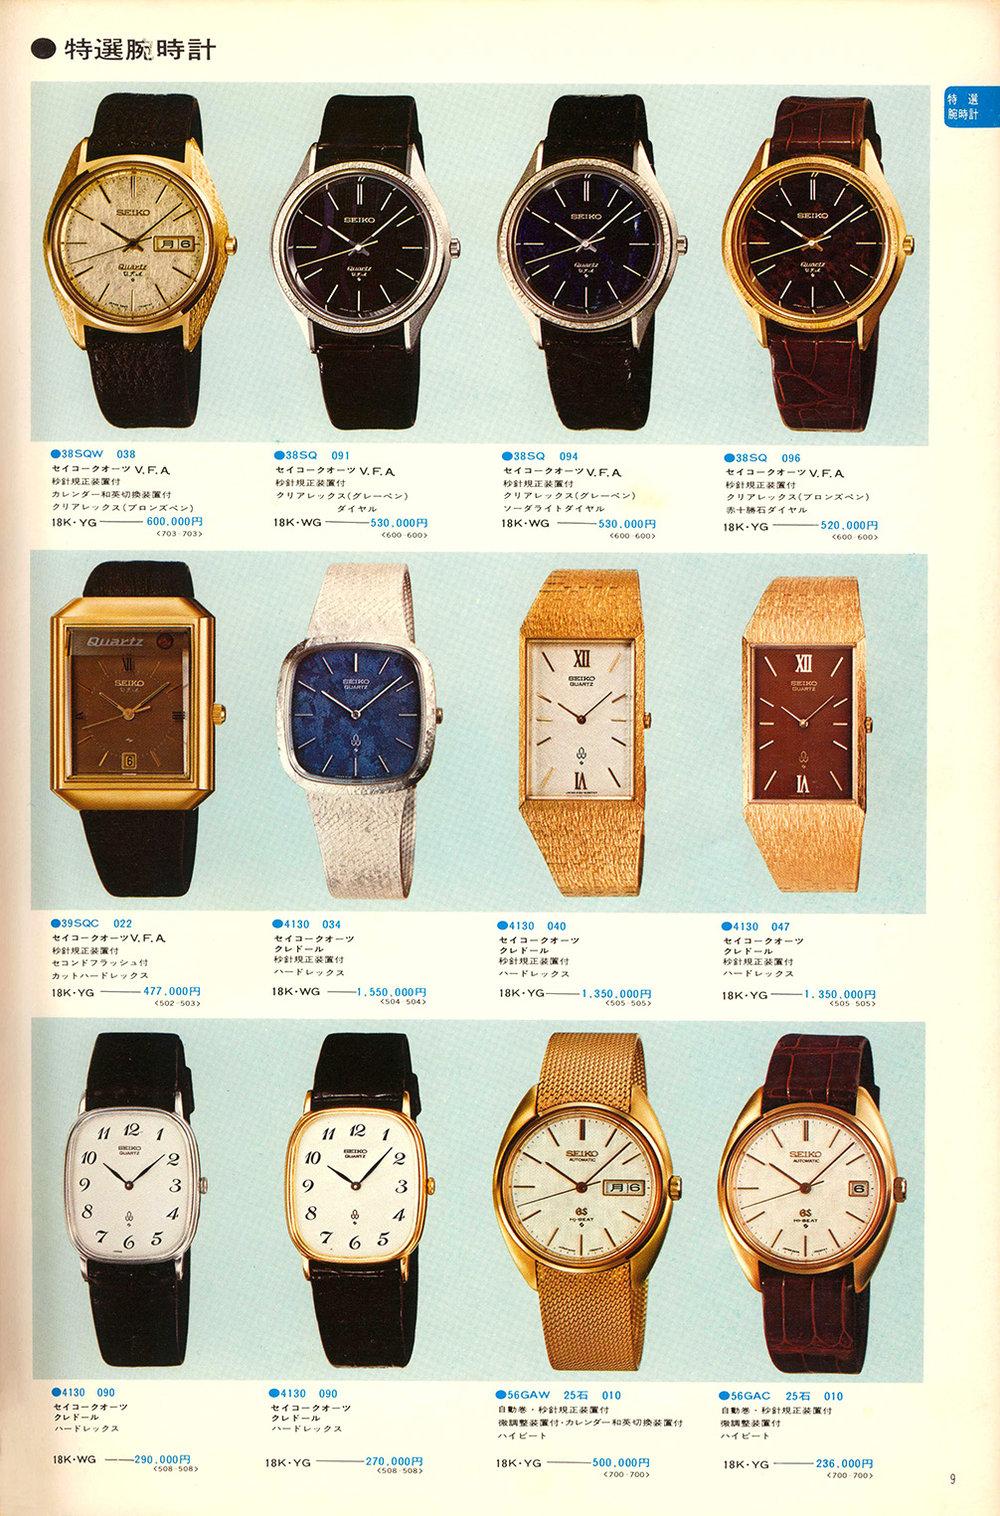 1975 Seiko Vol.1 Page 9